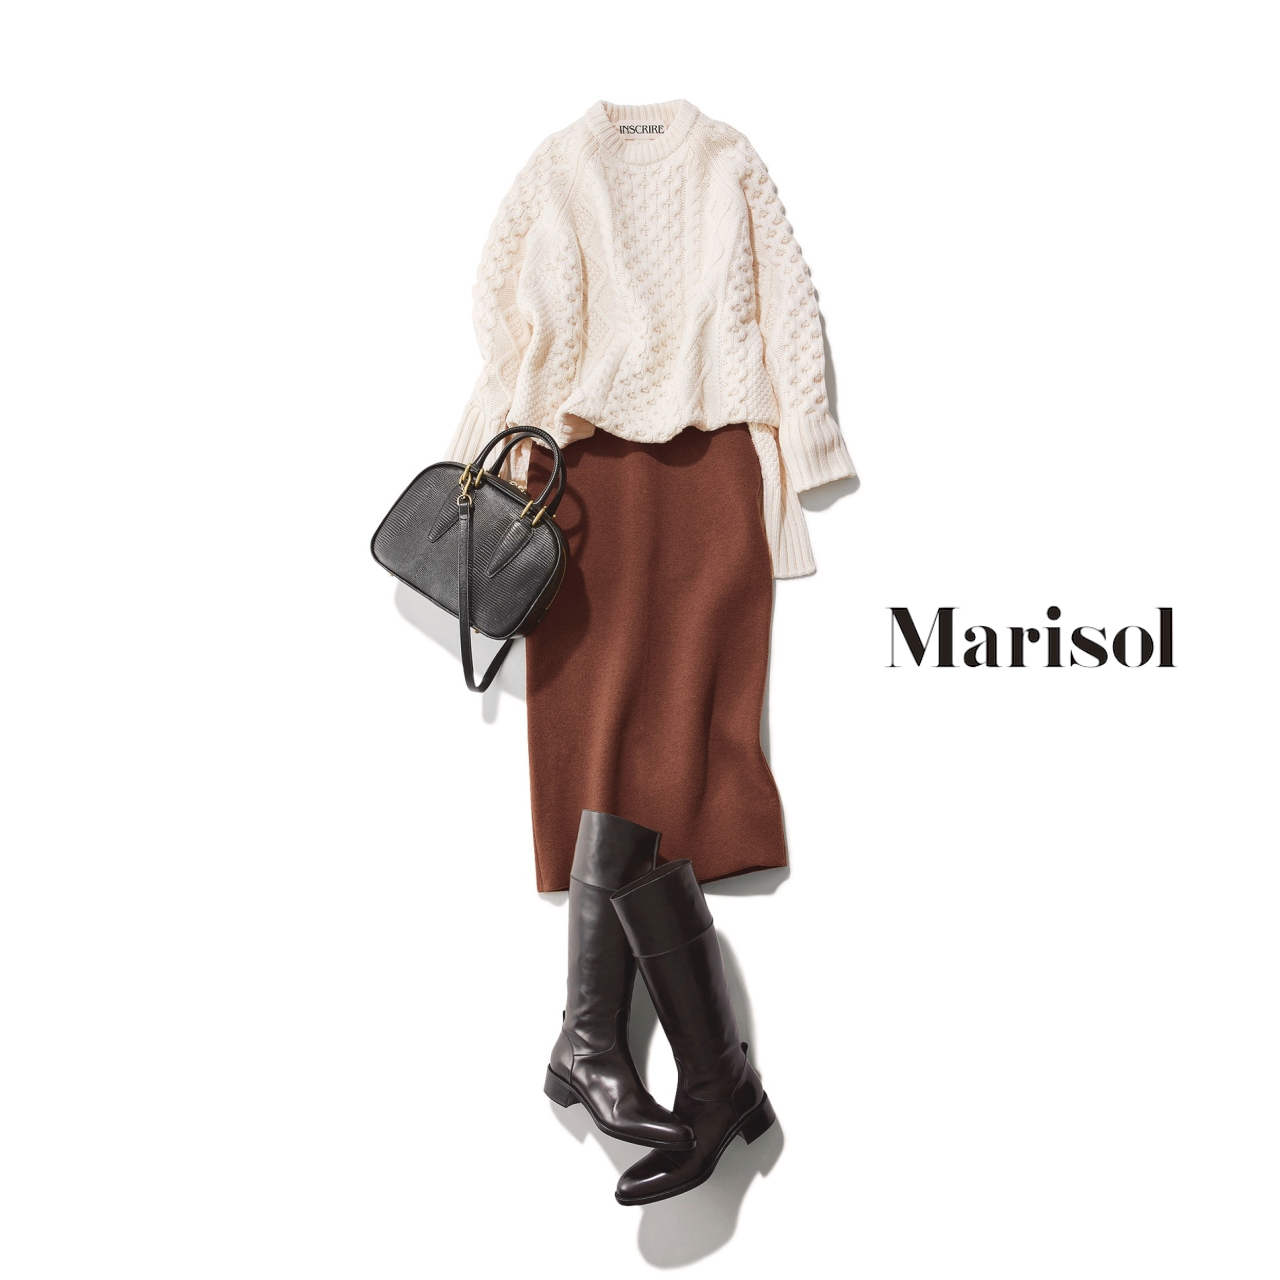 40代ファッション 白ニット×ブラウンニットスカート×ブーツコーデ